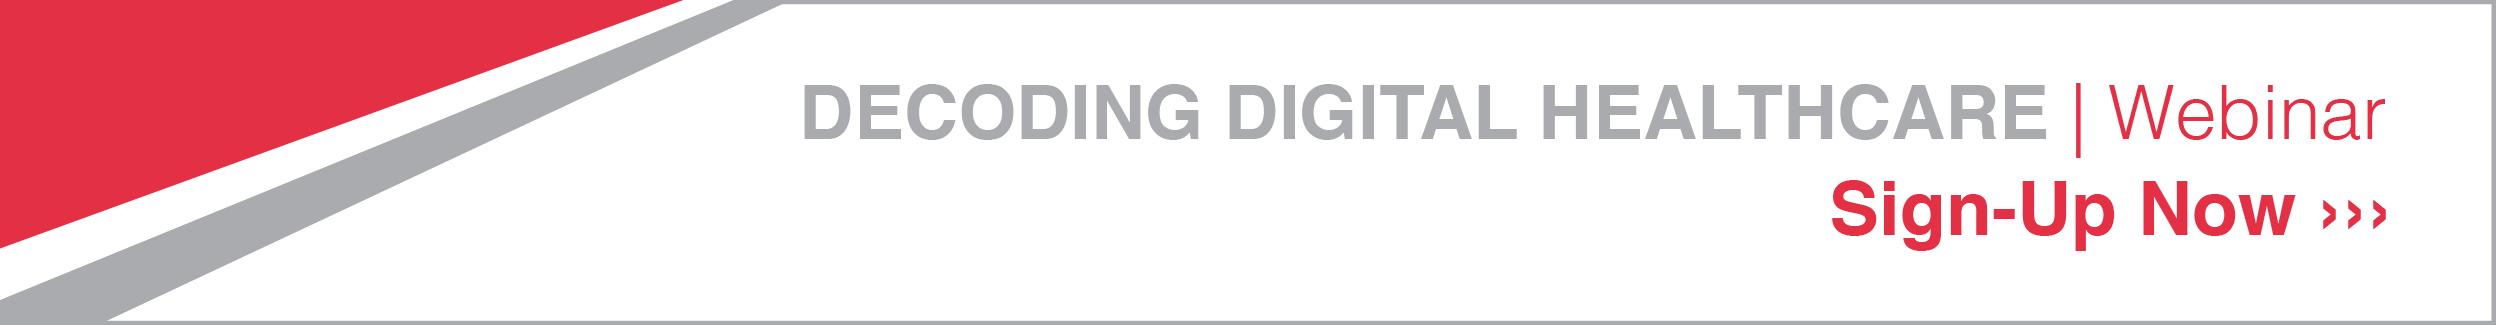 Digital Transformation Webinar Sign-up